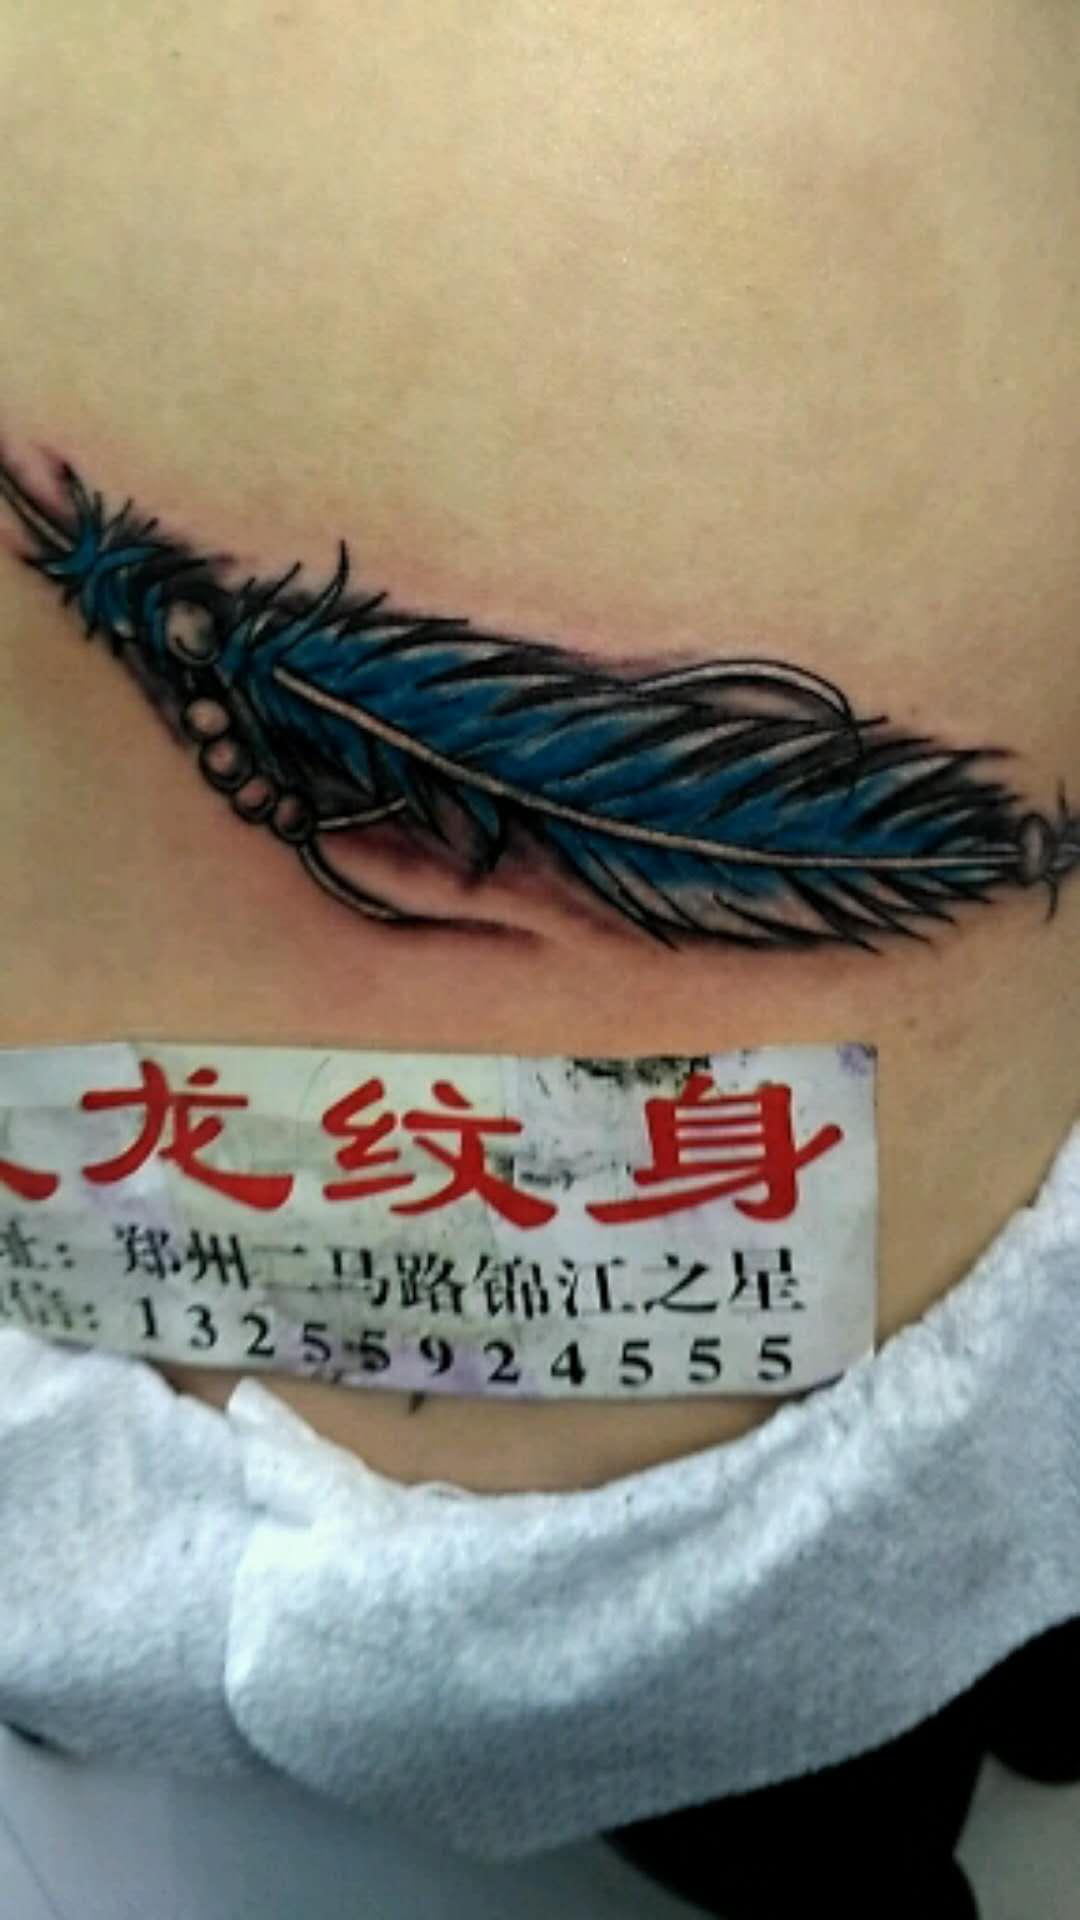 郑州纹身:羽毛纹身.jpg